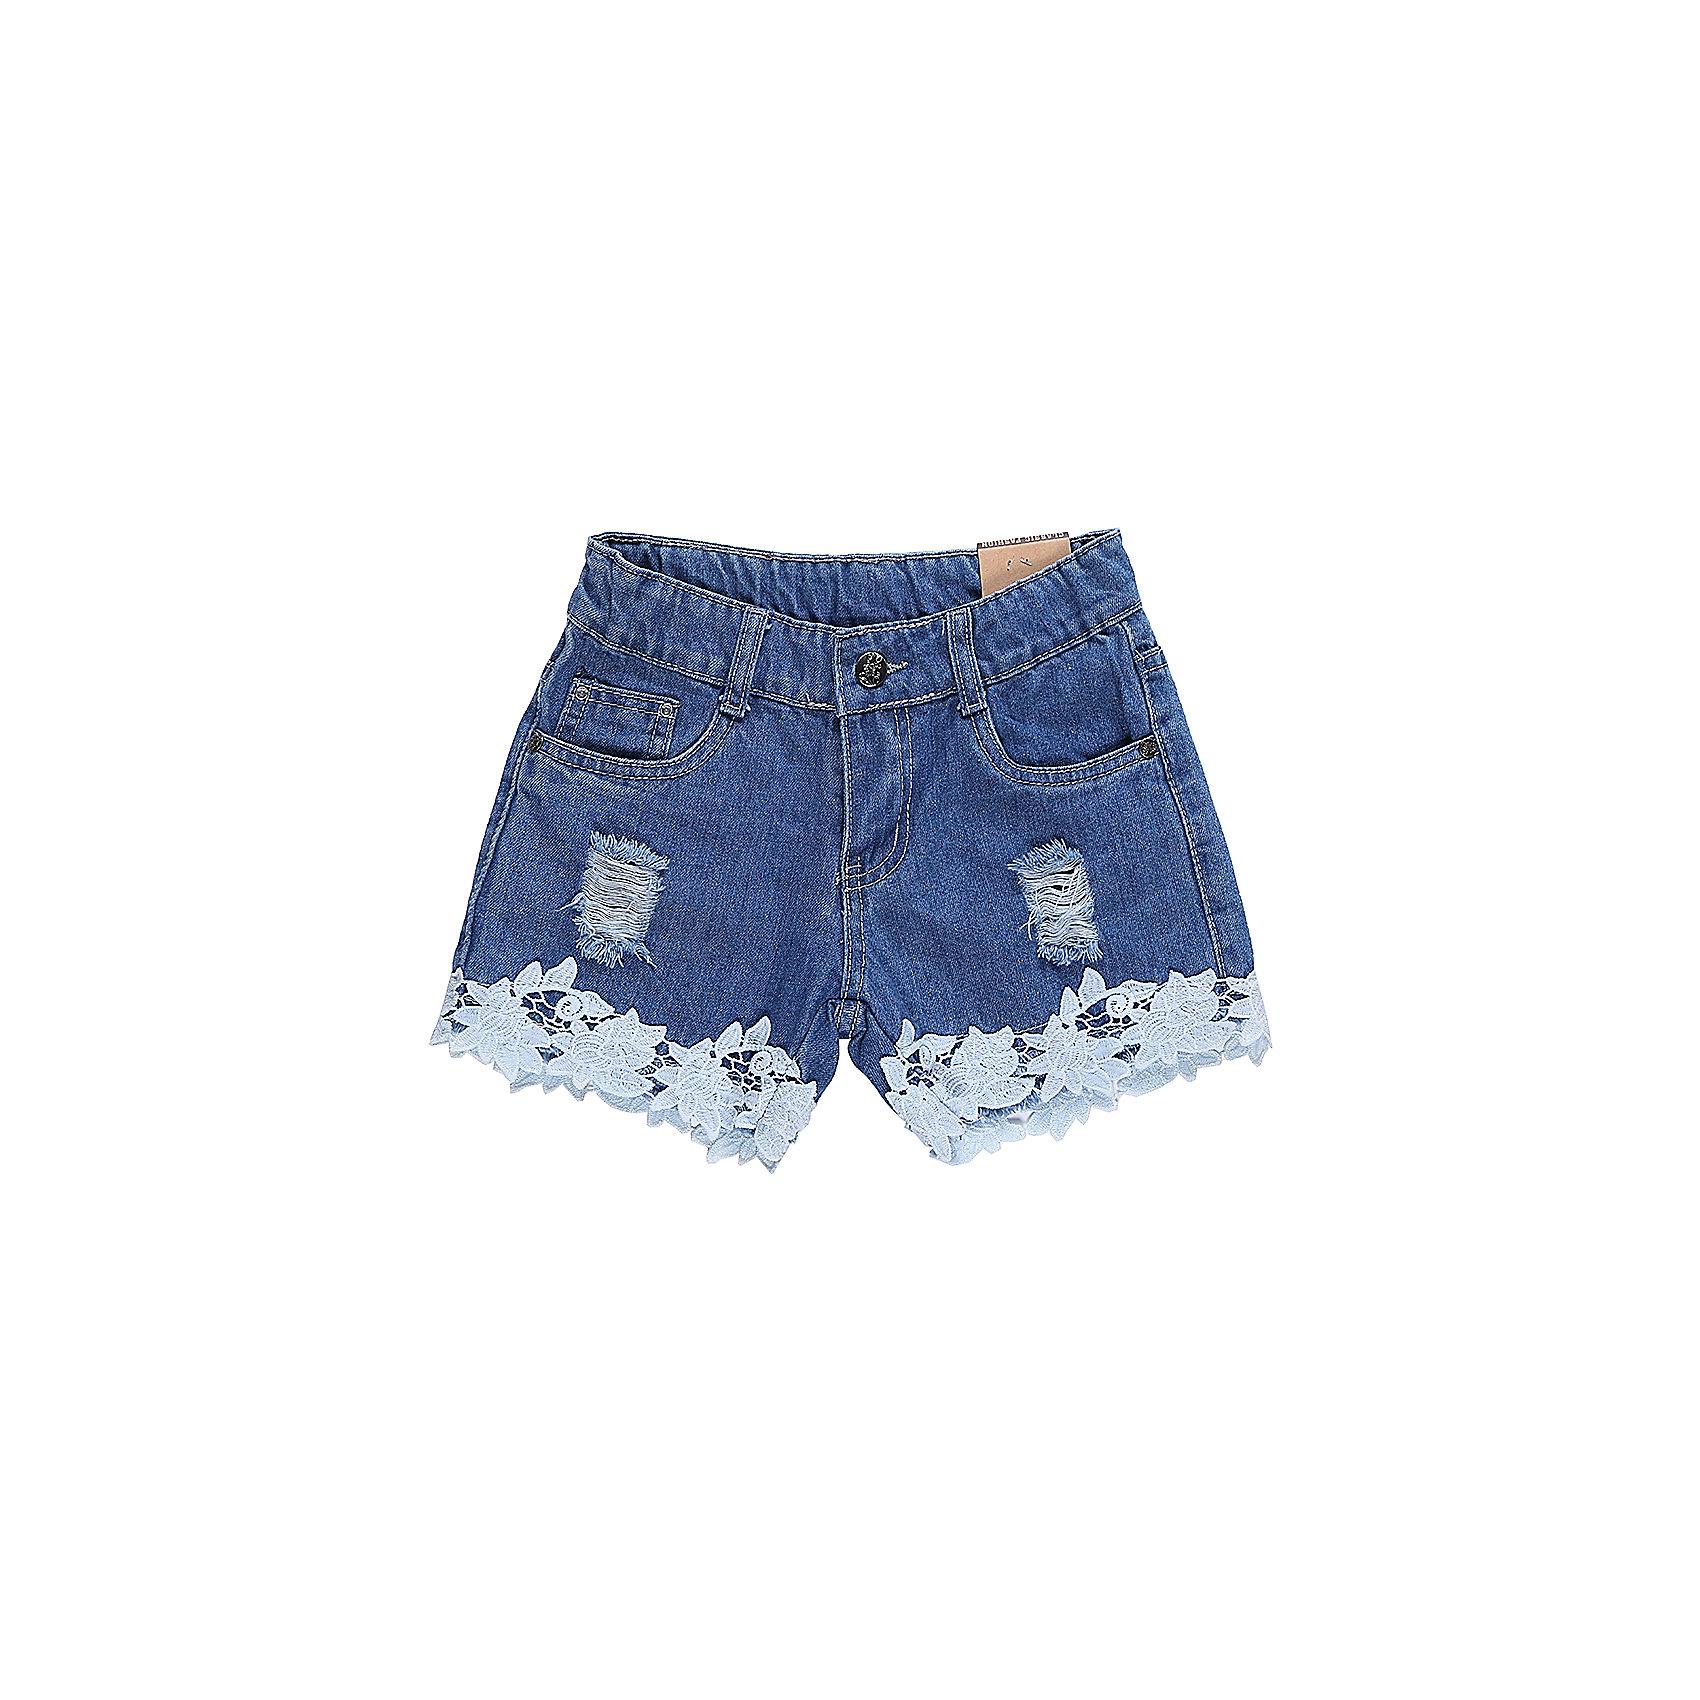 Шорты джинсовые для девочки LuminosoШорты, бриджи, капри<br>Джинсовые шорты для девочки Декорированые плетеным кружевом по низу изделия и эффектом рваной джинсы. Застегиваются на молнию и пуговицу.  В боковой части пояса находятся вшитые эластичные ленты, регулирующие посадку по талии.<br>Состав:<br>100%хлопок<br><br>Ширина мм: 191<br>Глубина мм: 10<br>Высота мм: 175<br>Вес г: 273<br>Цвет: синий<br>Возраст от месяцев: 96<br>Возраст до месяцев: 108<br>Пол: Женский<br>Возраст: Детский<br>Размер: 134,140,146,152,158,164<br>SKU: 5413497